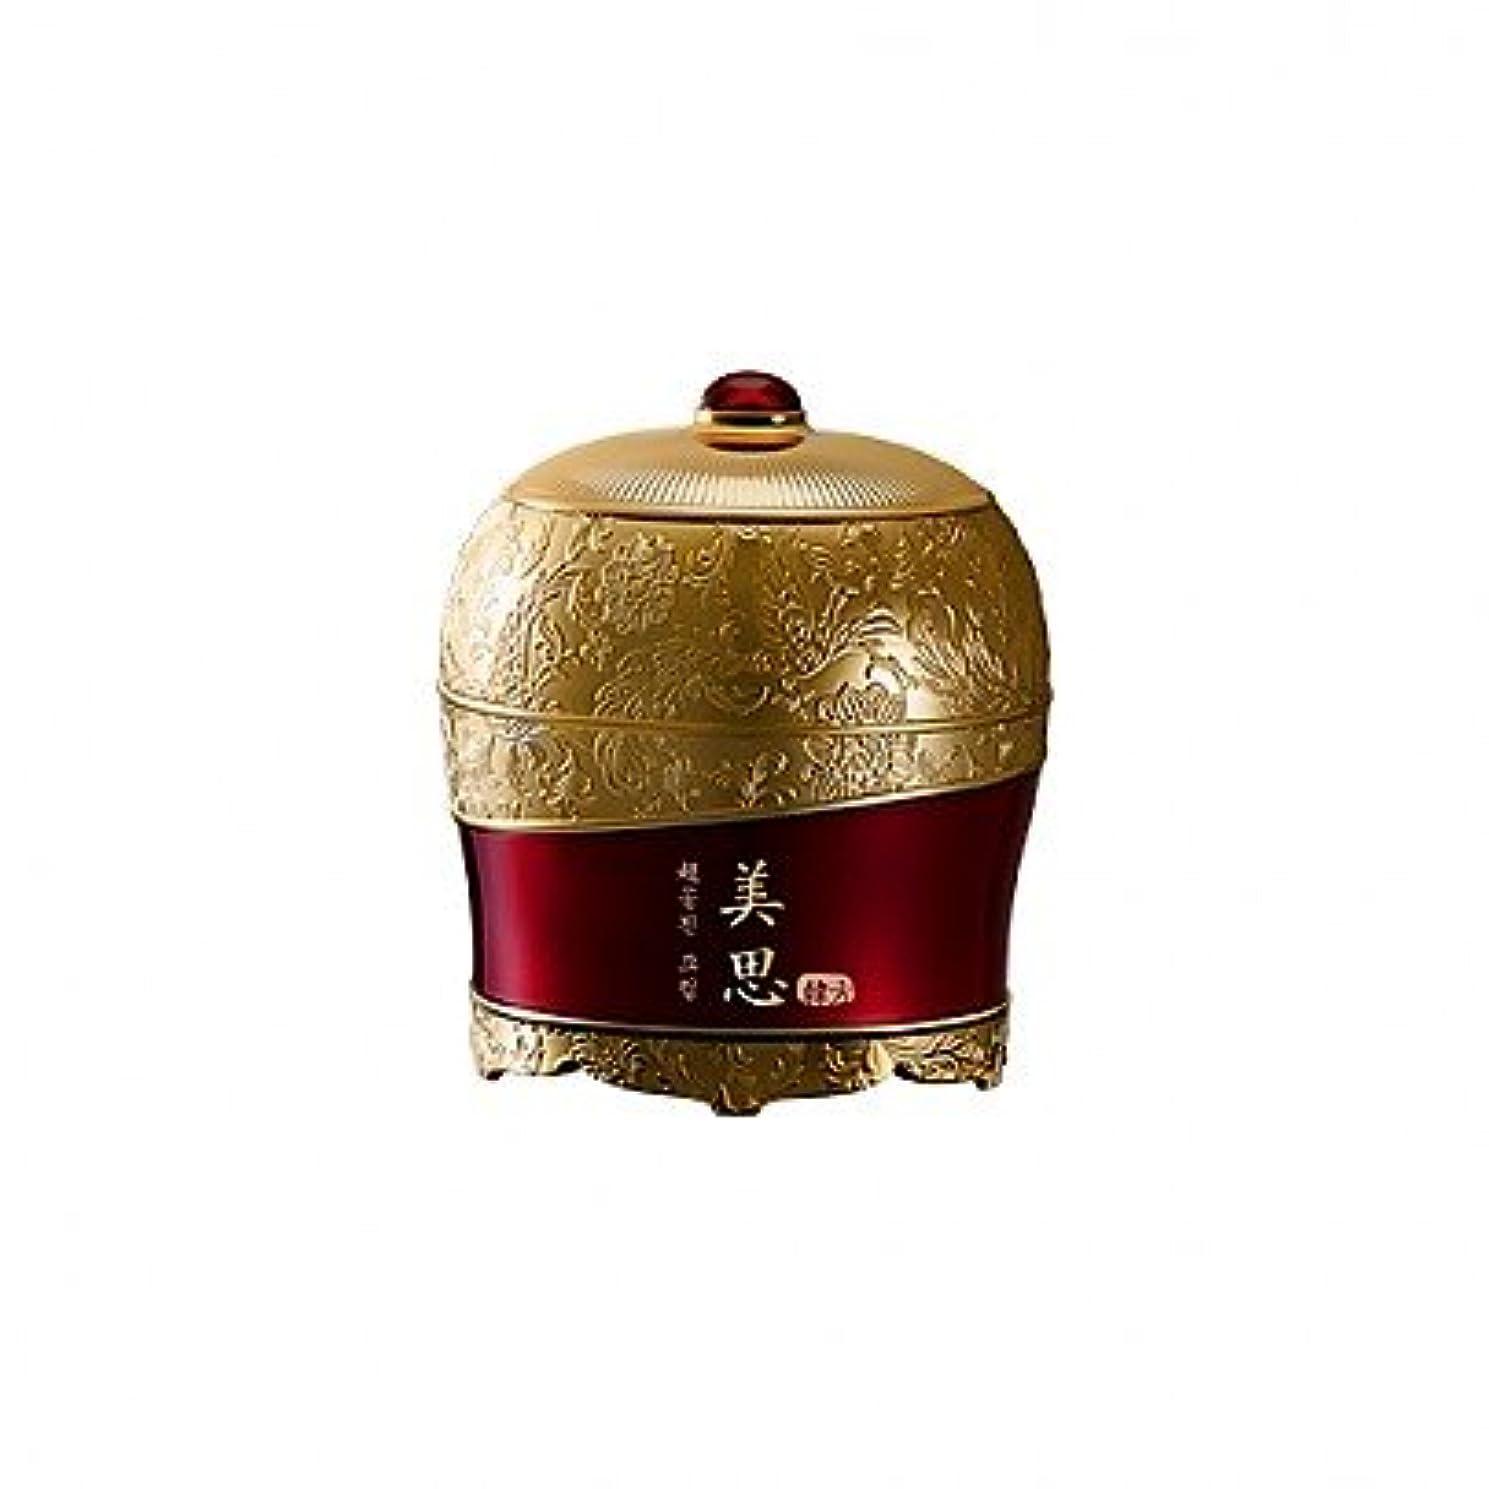 深い散文同情的MISSHA/ミシャ チョゴンジン クリーム (旧チョボヤン) 60ml[海外直送品]